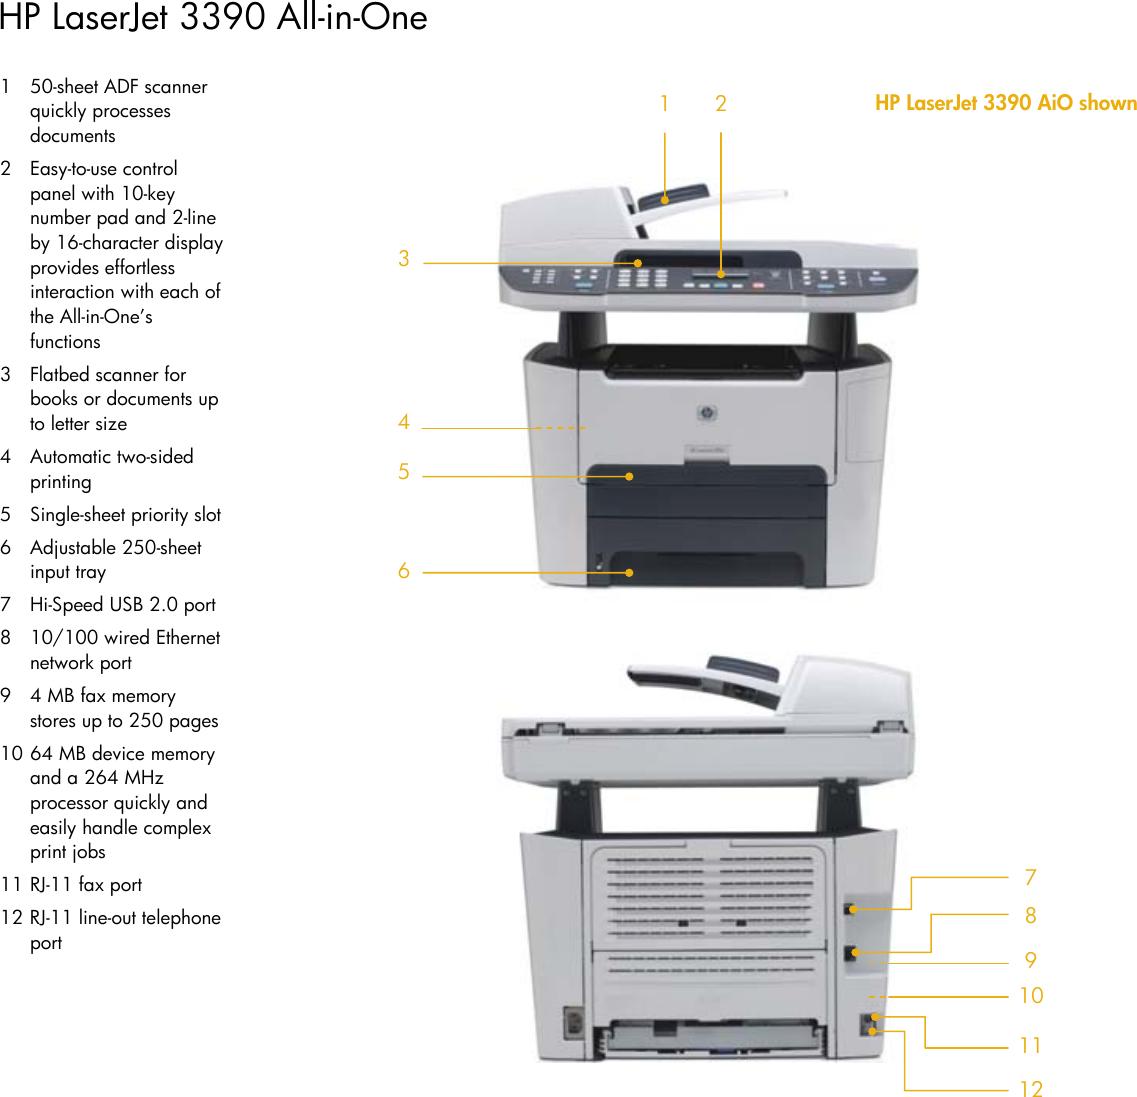 hp laserjet 3390 users manual color 4650 series printer rh usermanual wiki HP 1200 Series Printer Manual HP 1200 Series Printer Manual